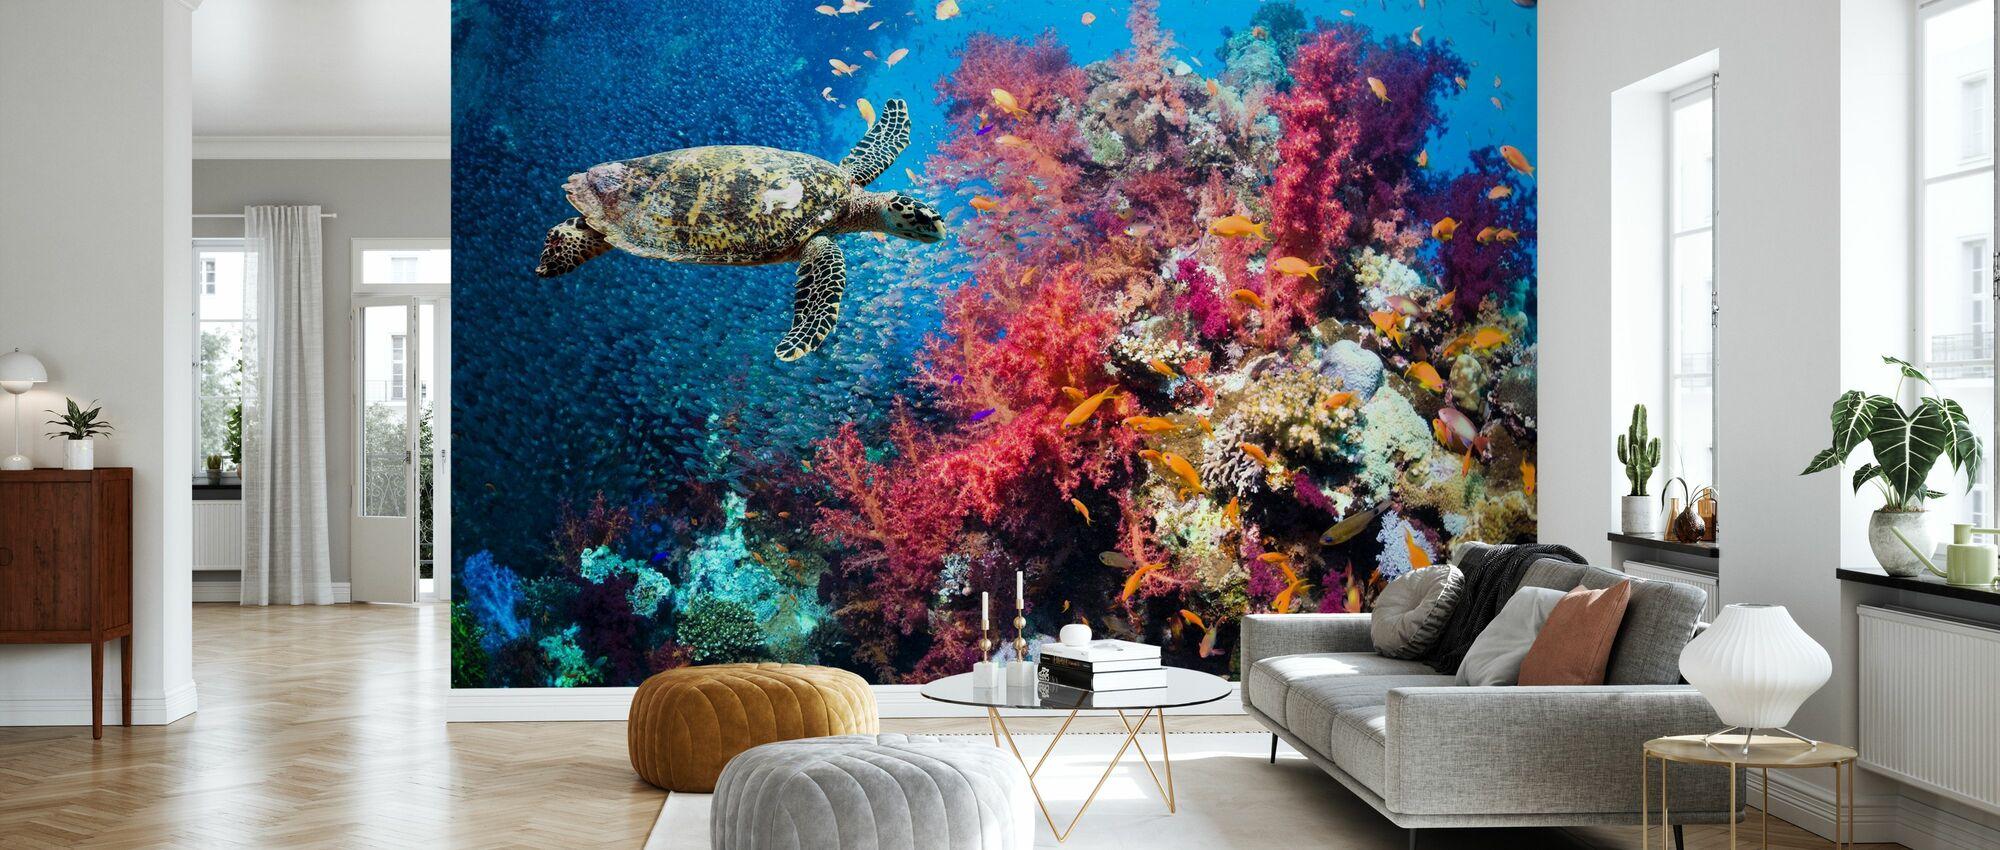 Sköldpadda och koraller - Tapet - Vardagsrum